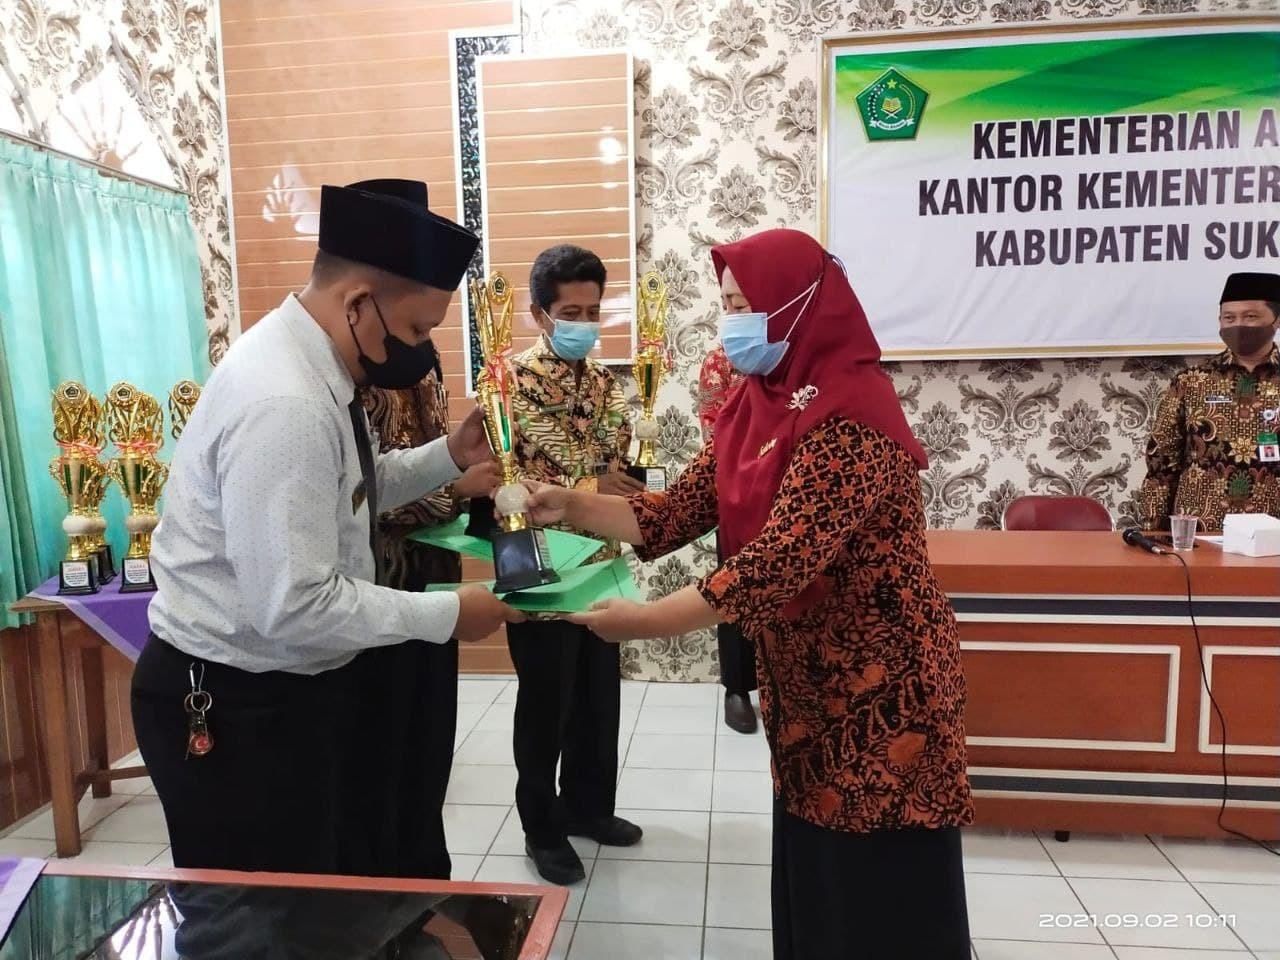 MA PPMI Assalaam Menjadi Juara Umum KSM-K 2021